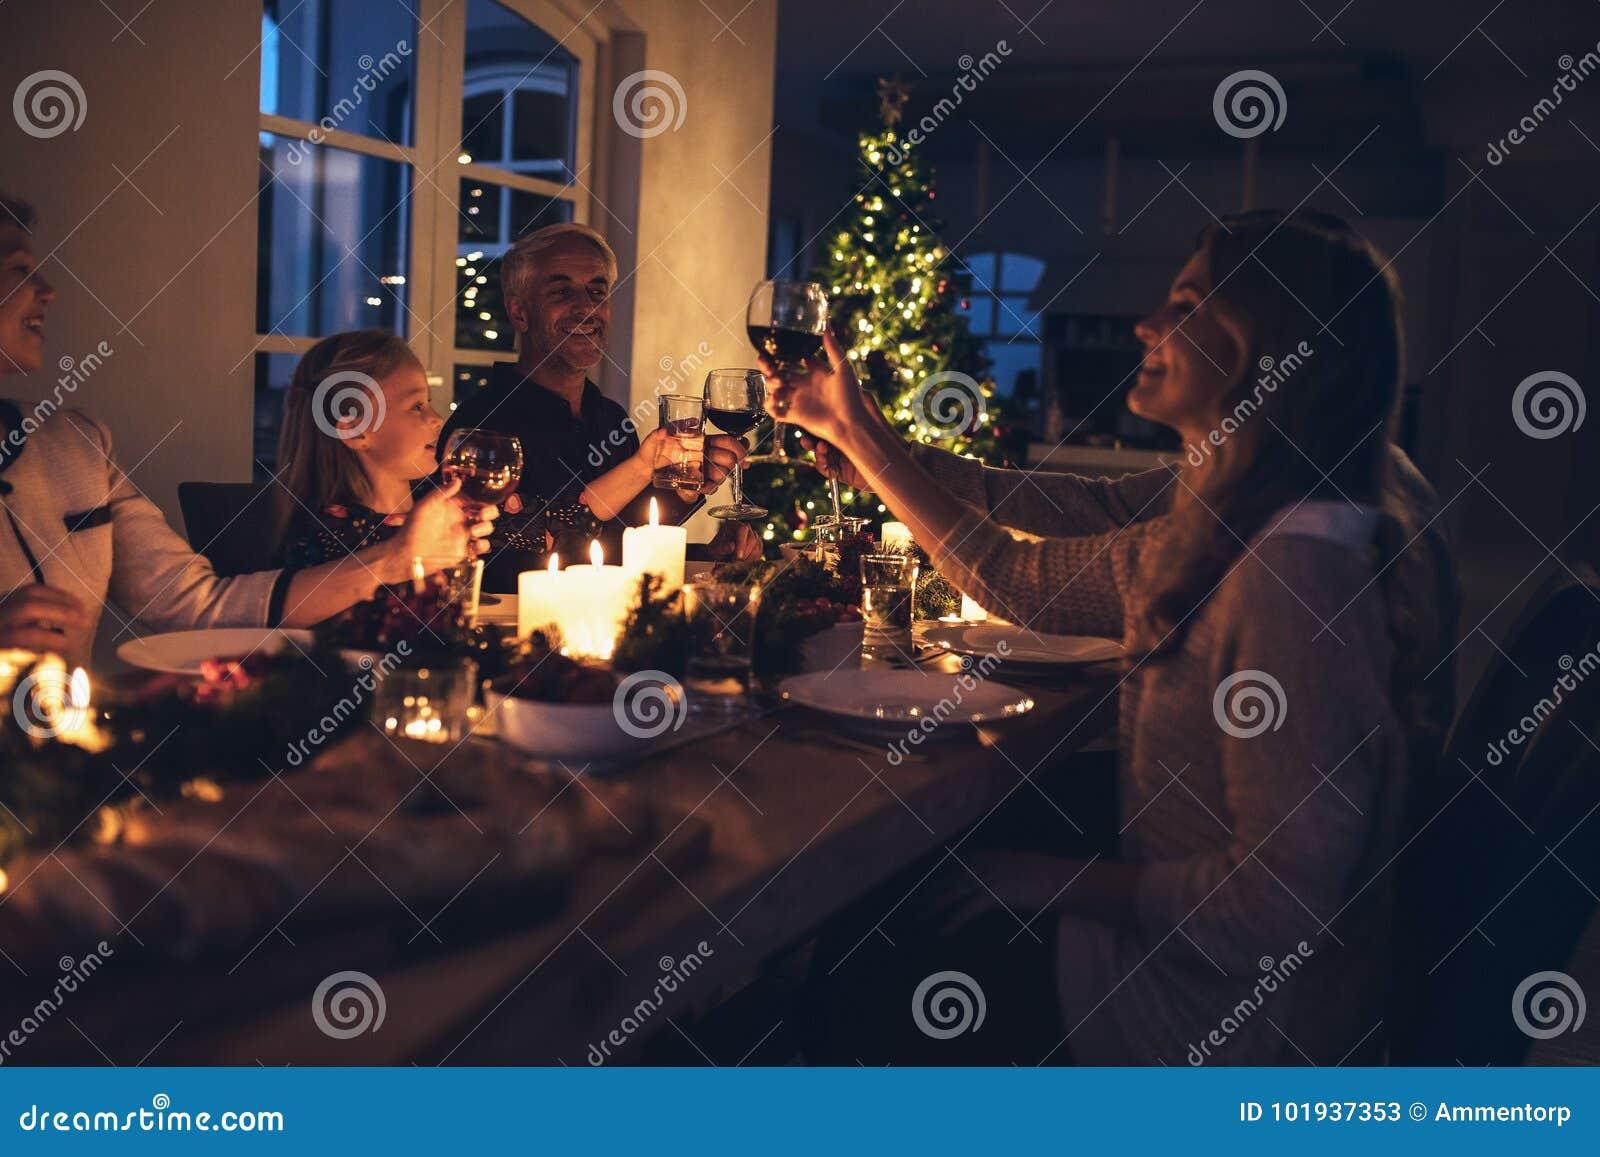 Χριστούγεννα οικογενειακού εορτασμού από κοινού